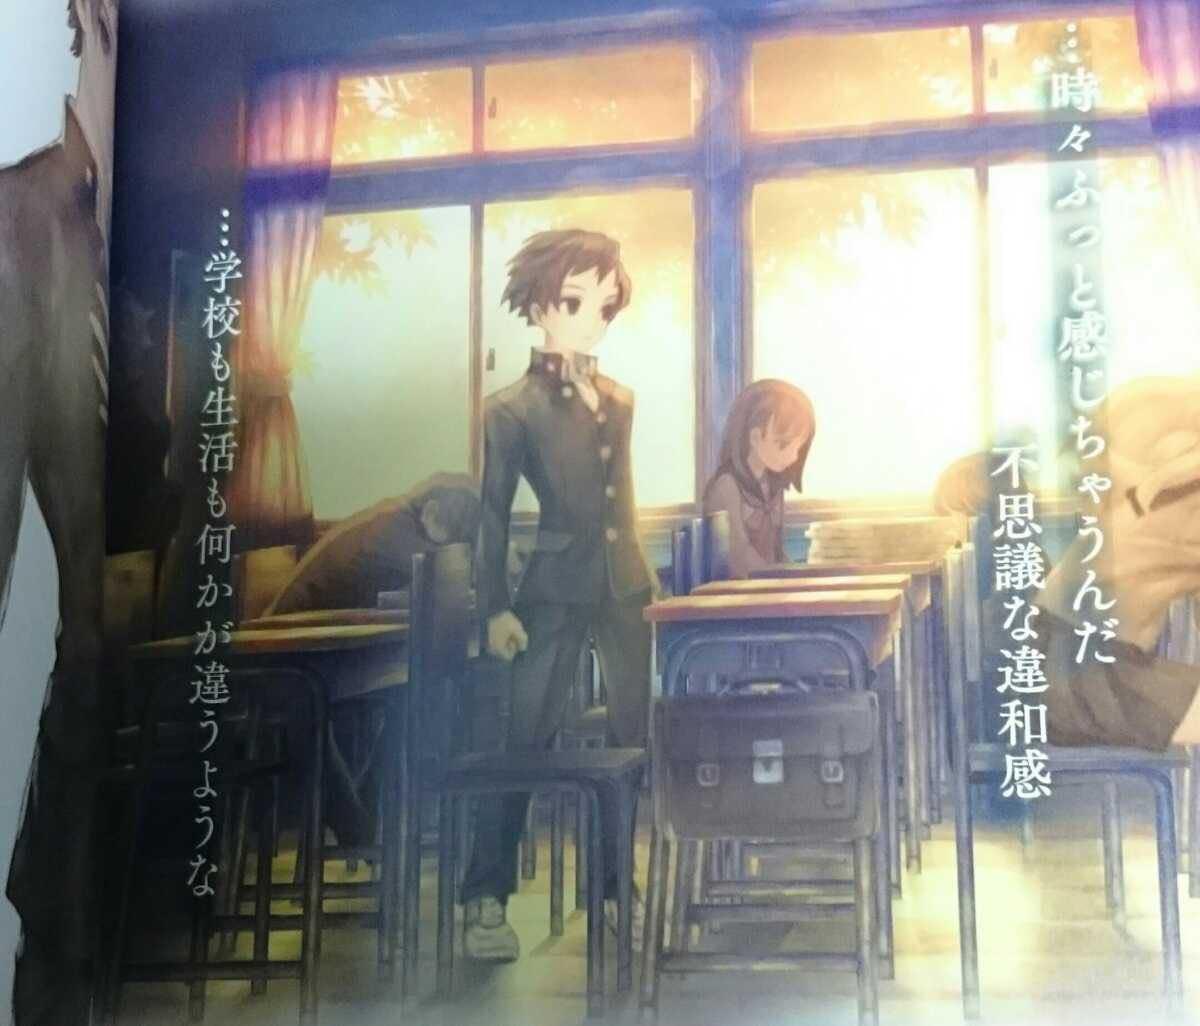 十三機兵防衛圏 プロローグ(PS4)+ヴィジュアルブック 商品説明必読!_画像2